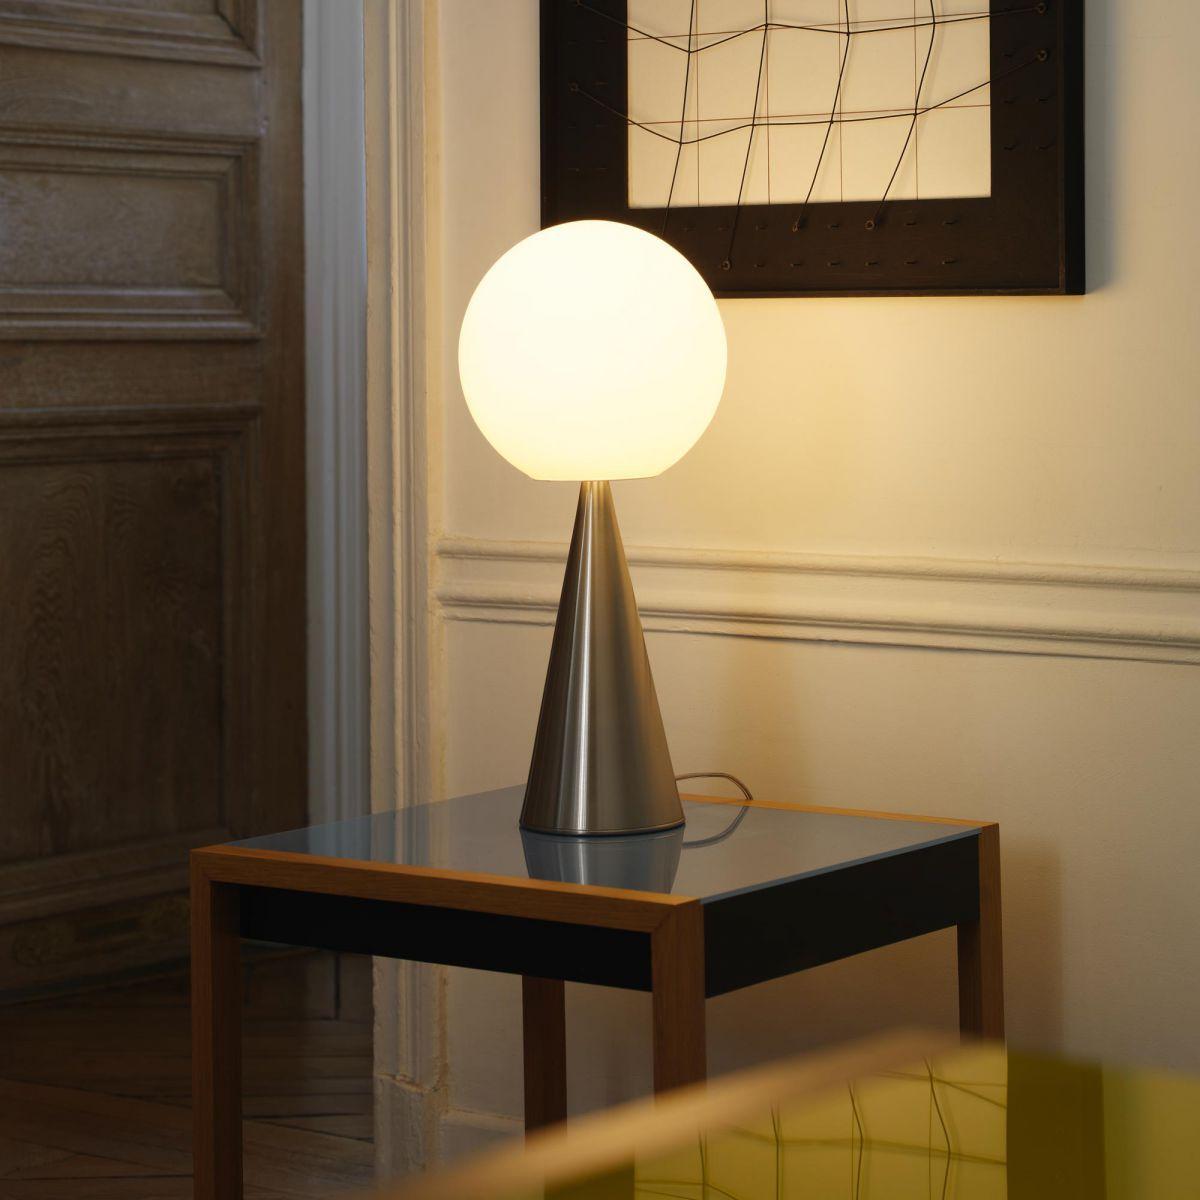 Lampada da tavolo bilia gio ponti lampade da terra for Lampade da tavolo per ufficio